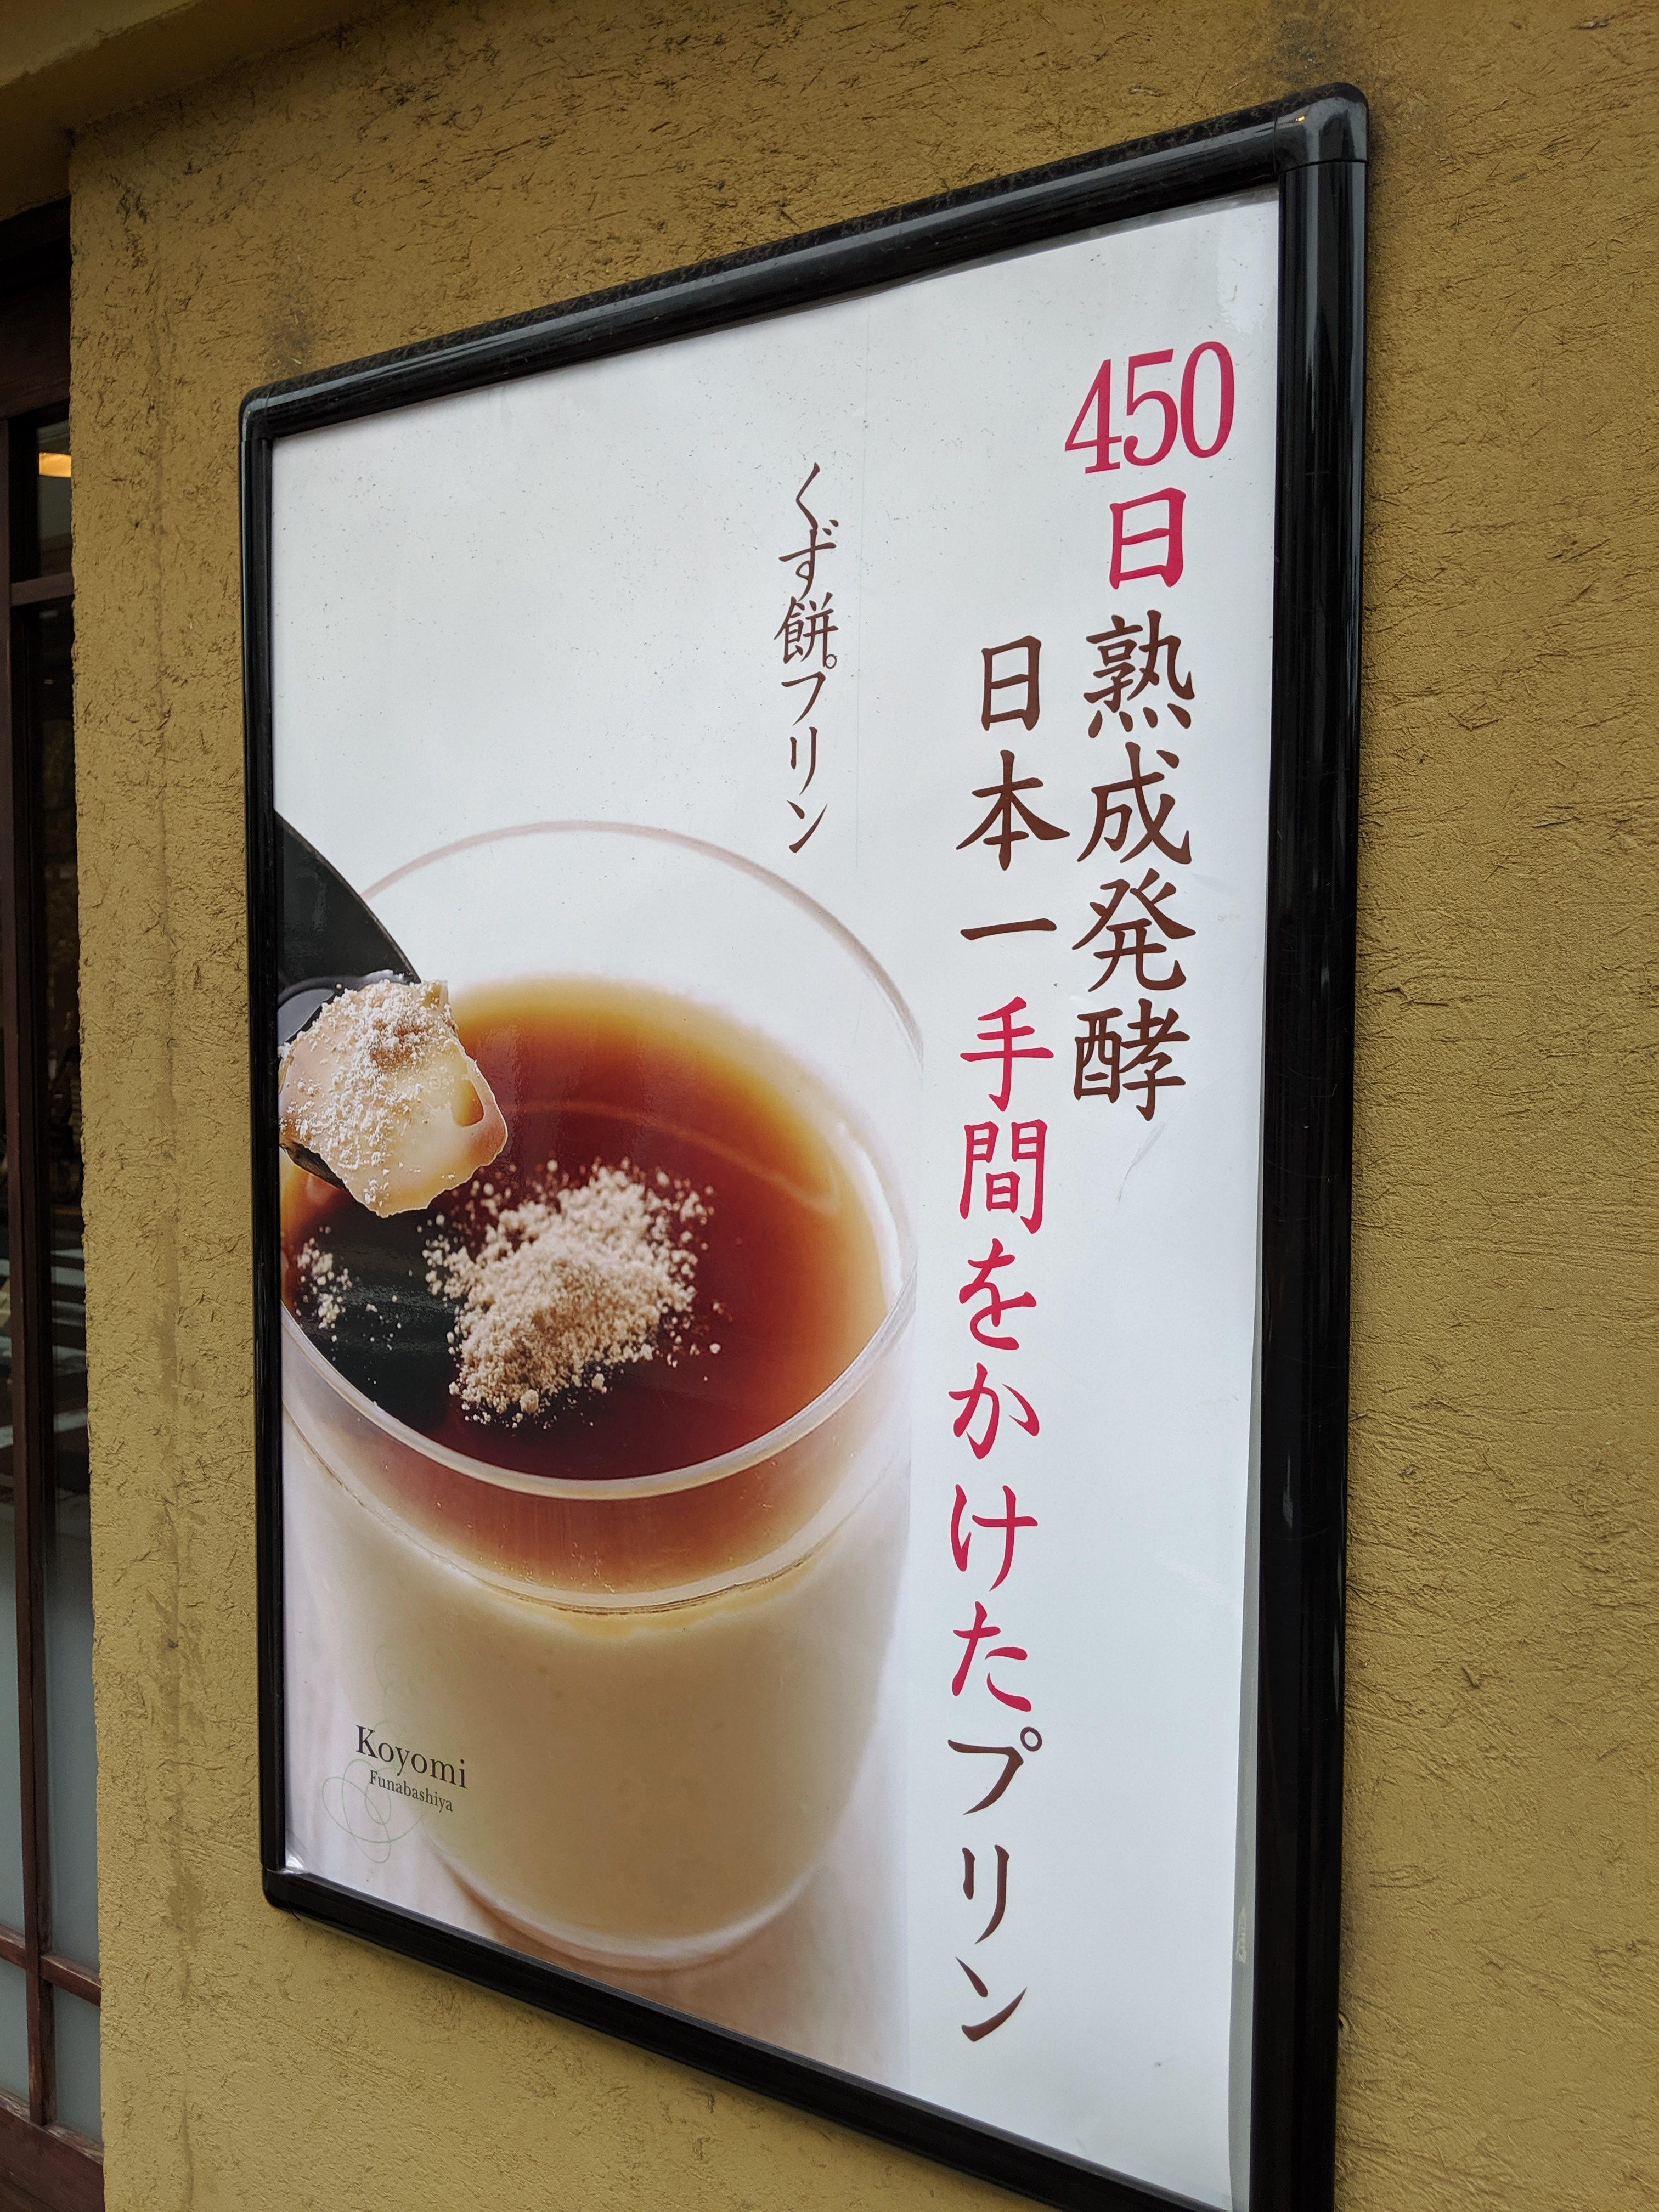 船橋屋こよみ 広尾店さんのくず餅プリンのポスター